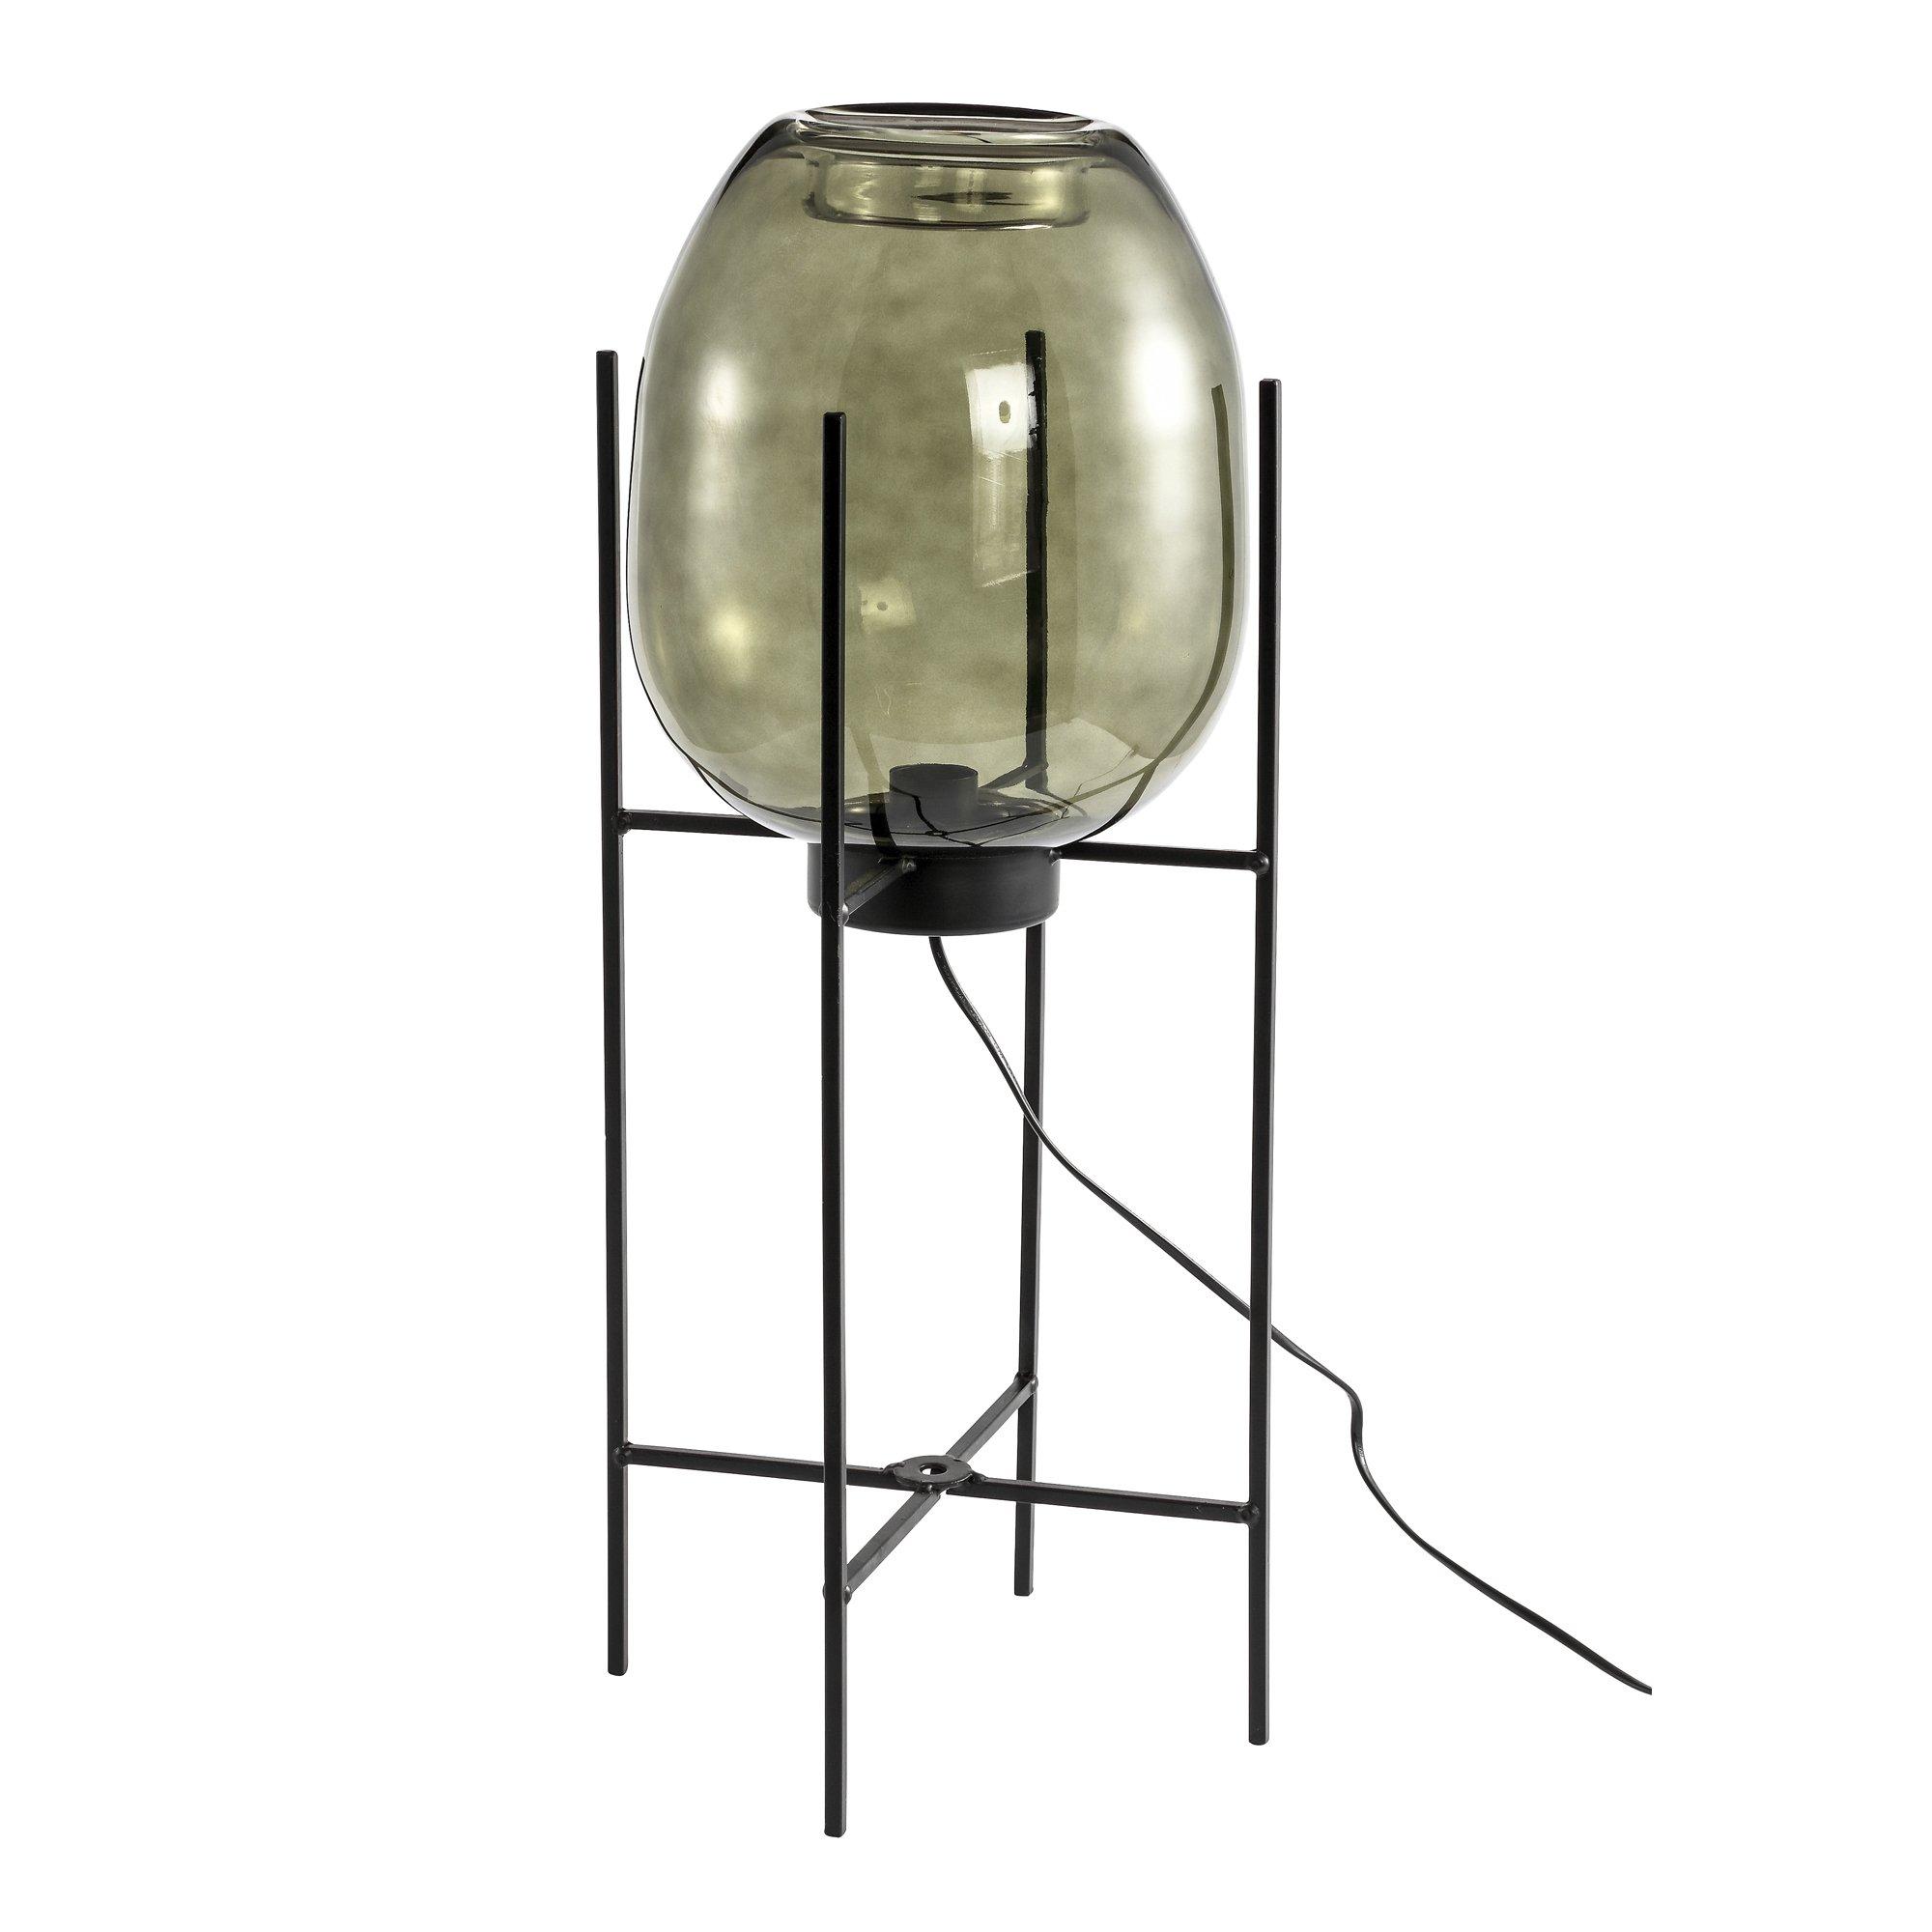 PTMD Chett standing lamp